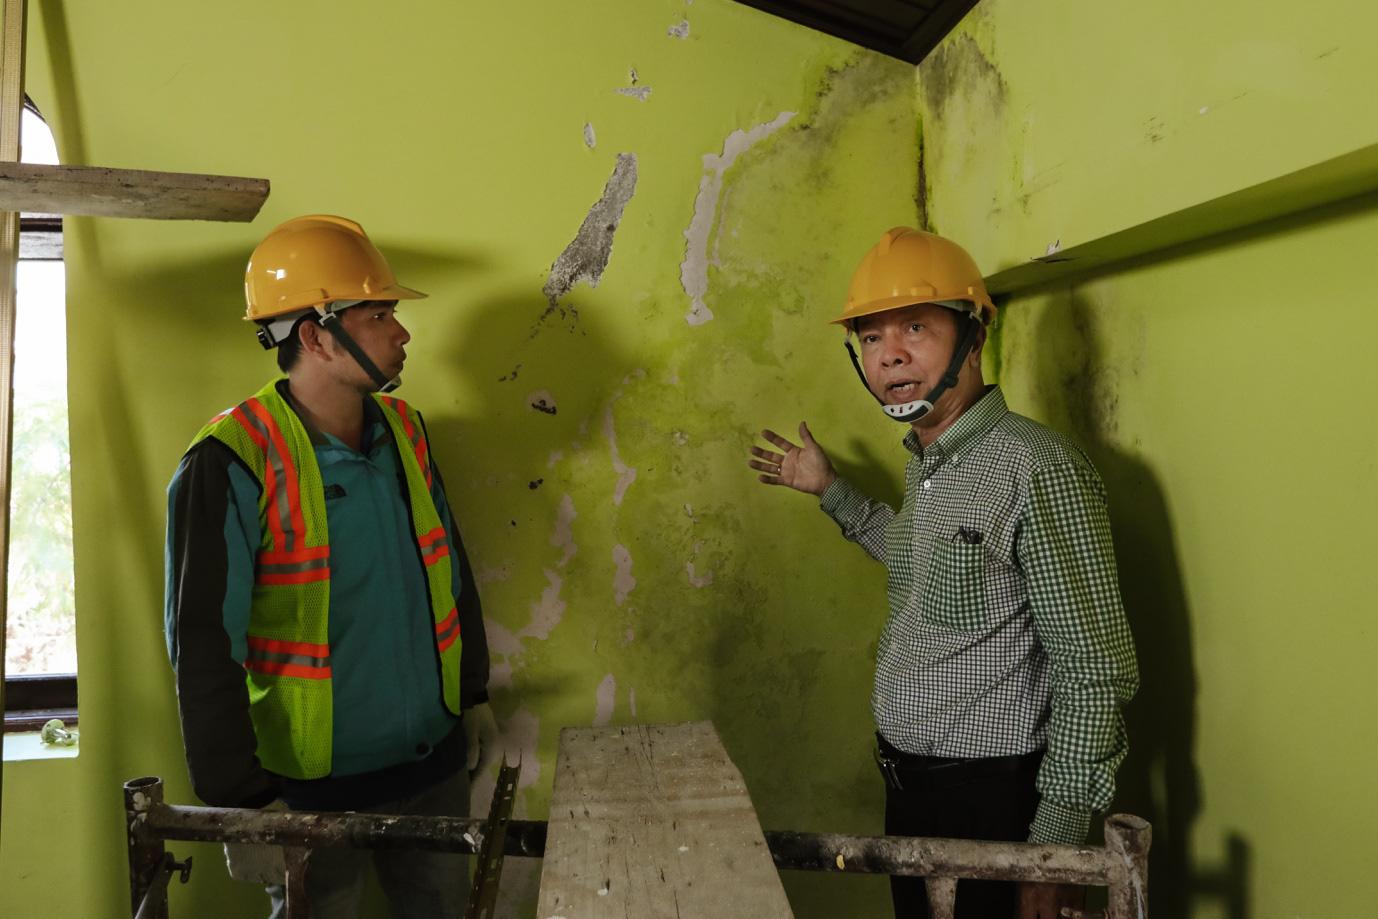 Kế hoạch giải cứu ngôi nhà bị nồm ẩm lâu năm tại Đà Lạt - Ảnh 2.